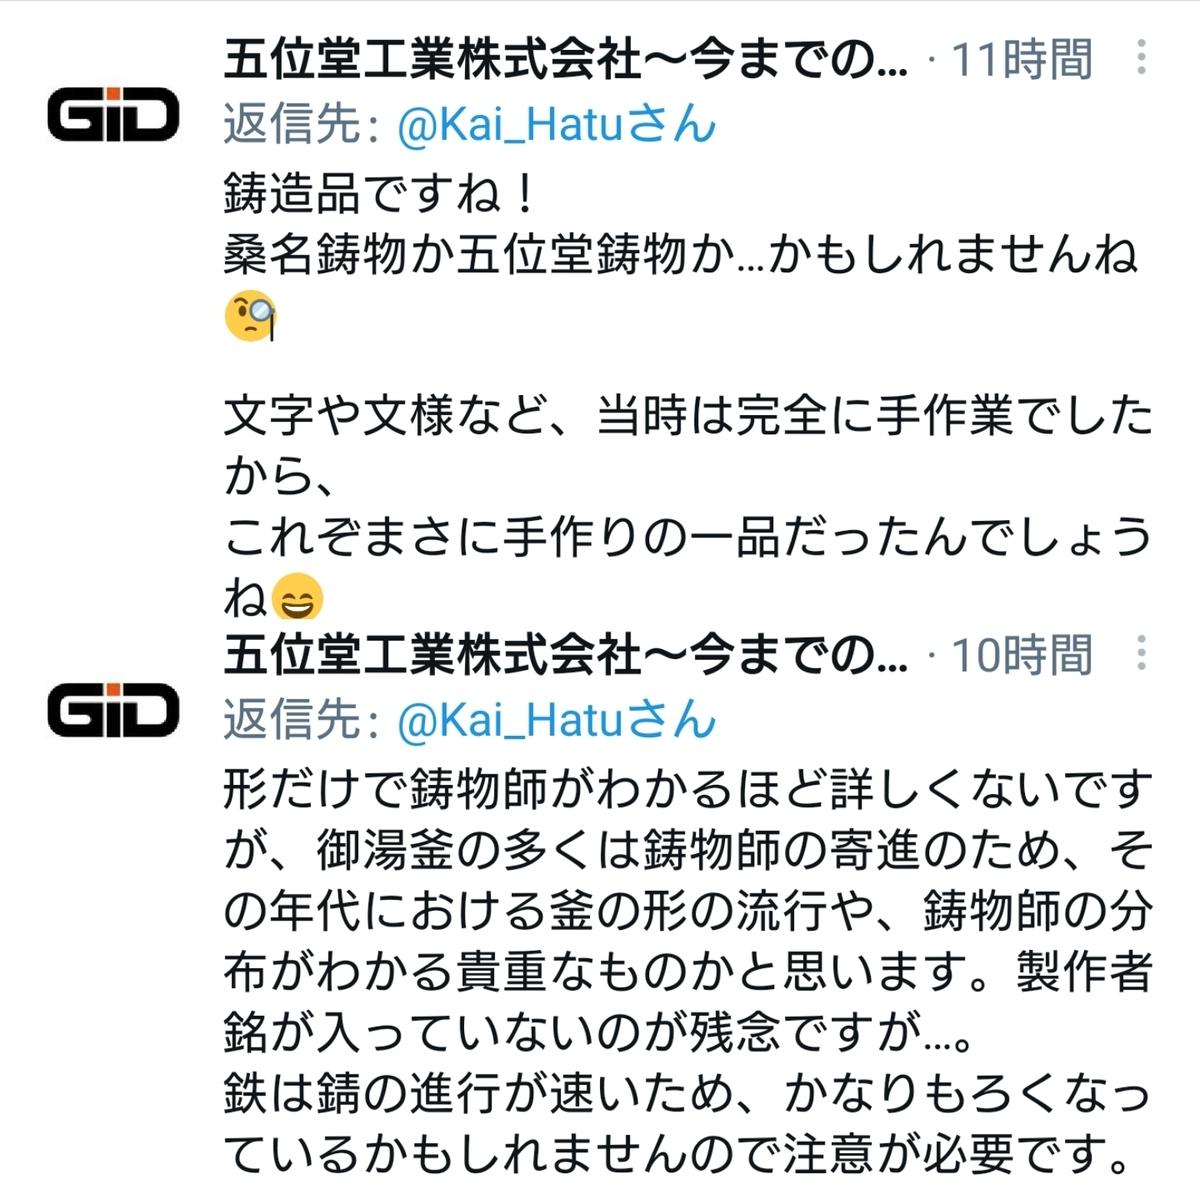 f:id:Kaimotu_Hatuji:20210406063155j:plain